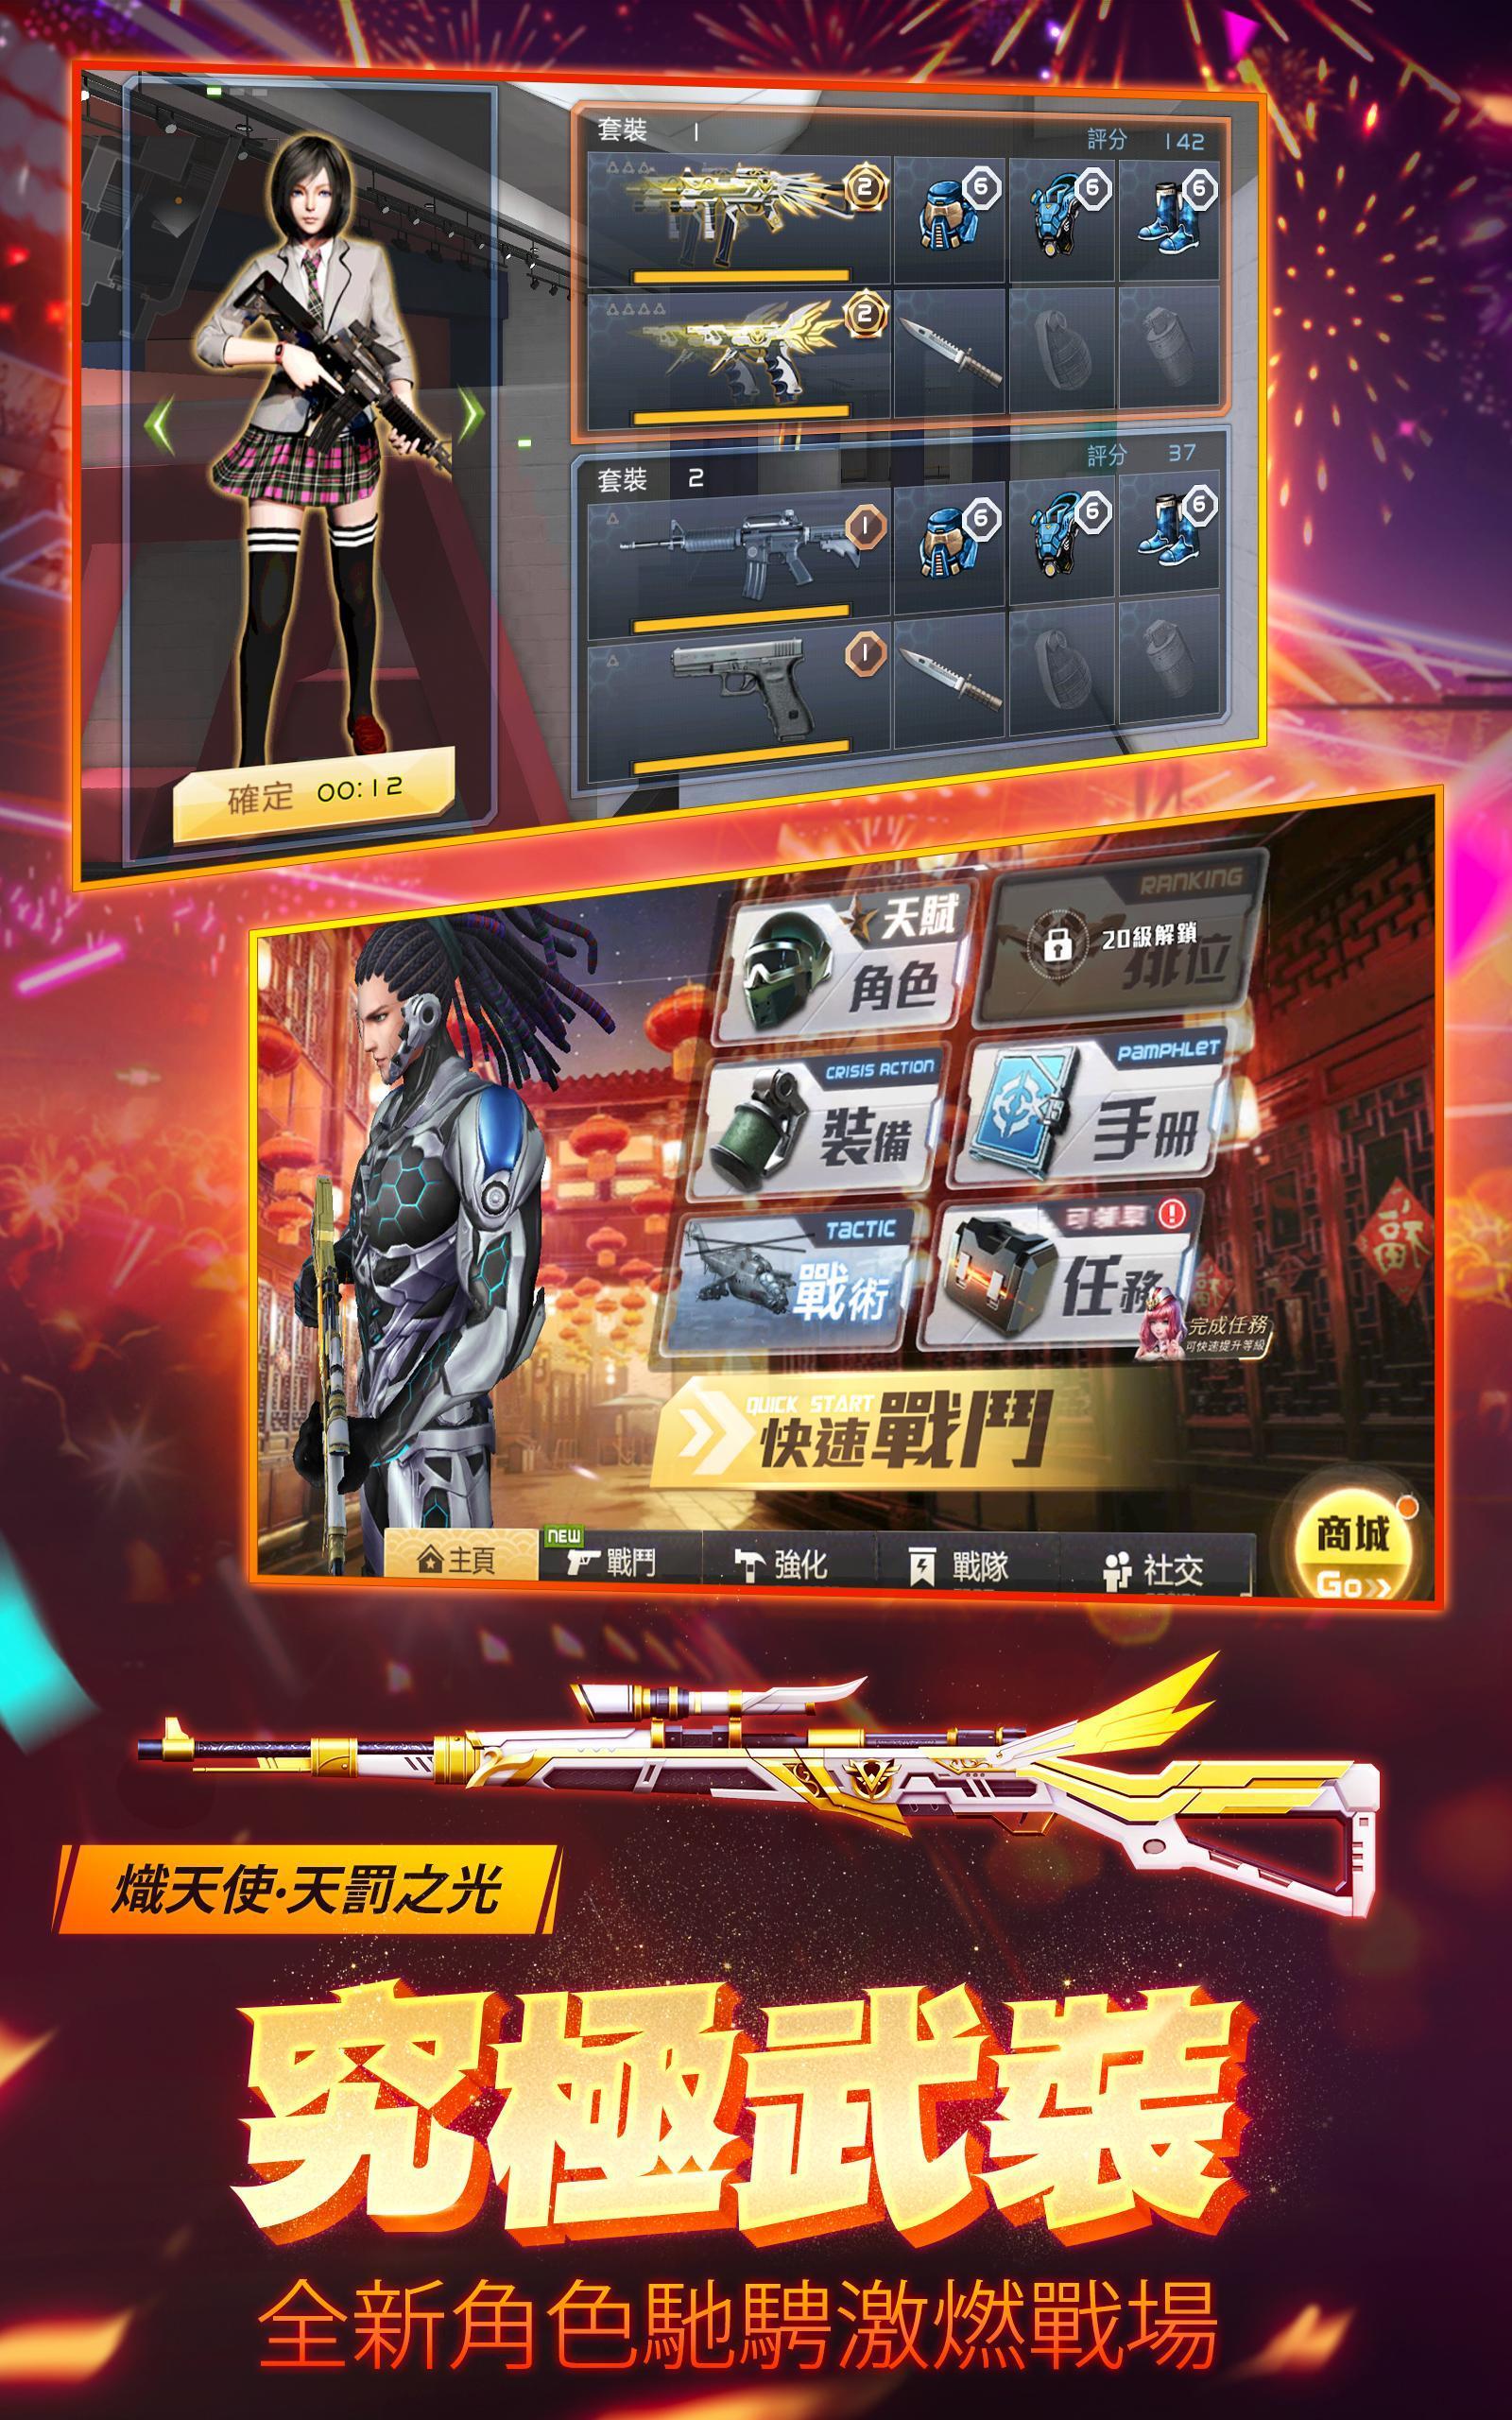 全民槍戰Crisis Action: No.1 FPS Game 3.10.03 Screenshot 13